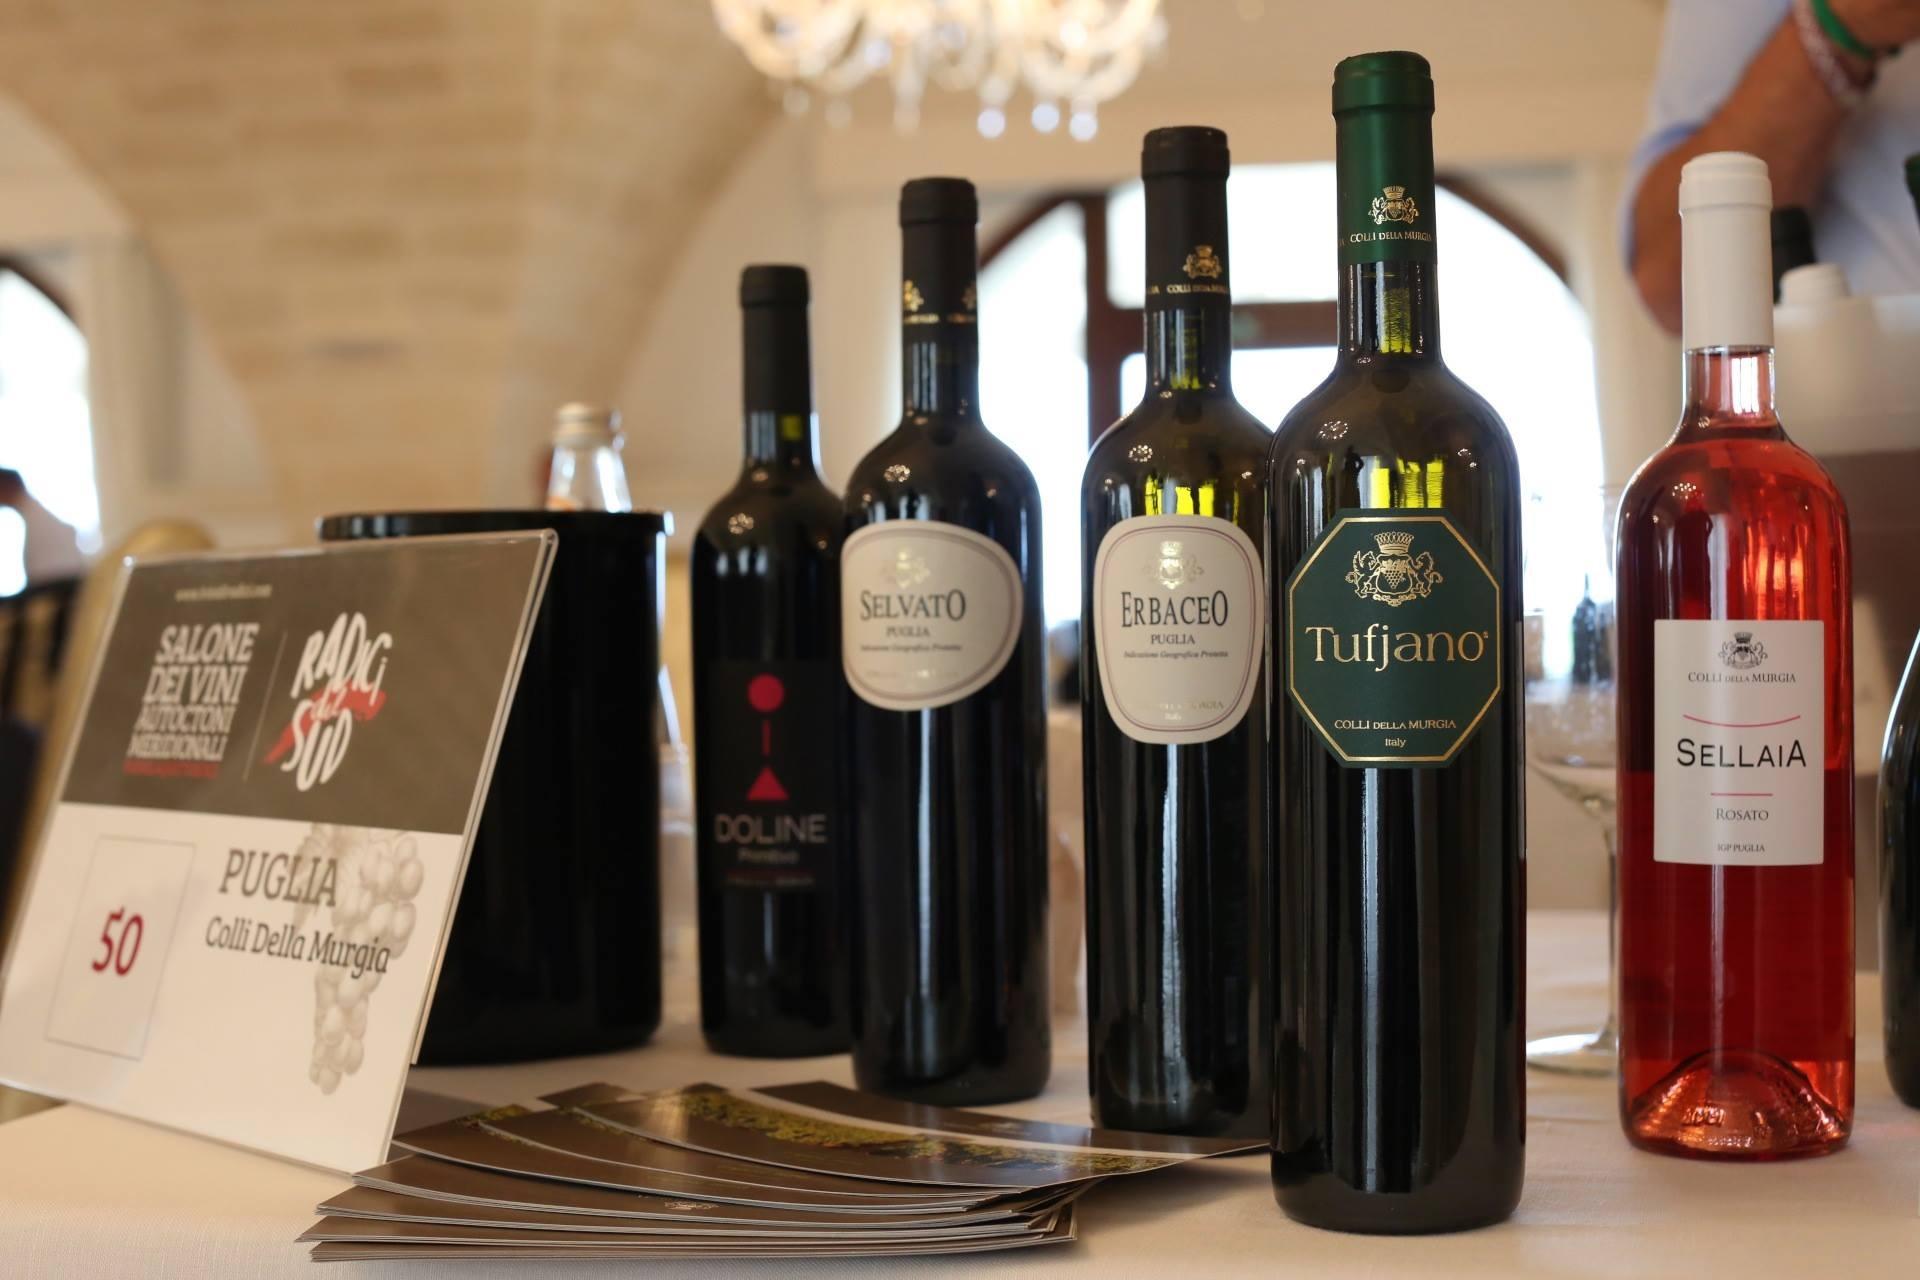 Radici del sud i grandi vini meridionali in scena a bari for Grandi arredi bari